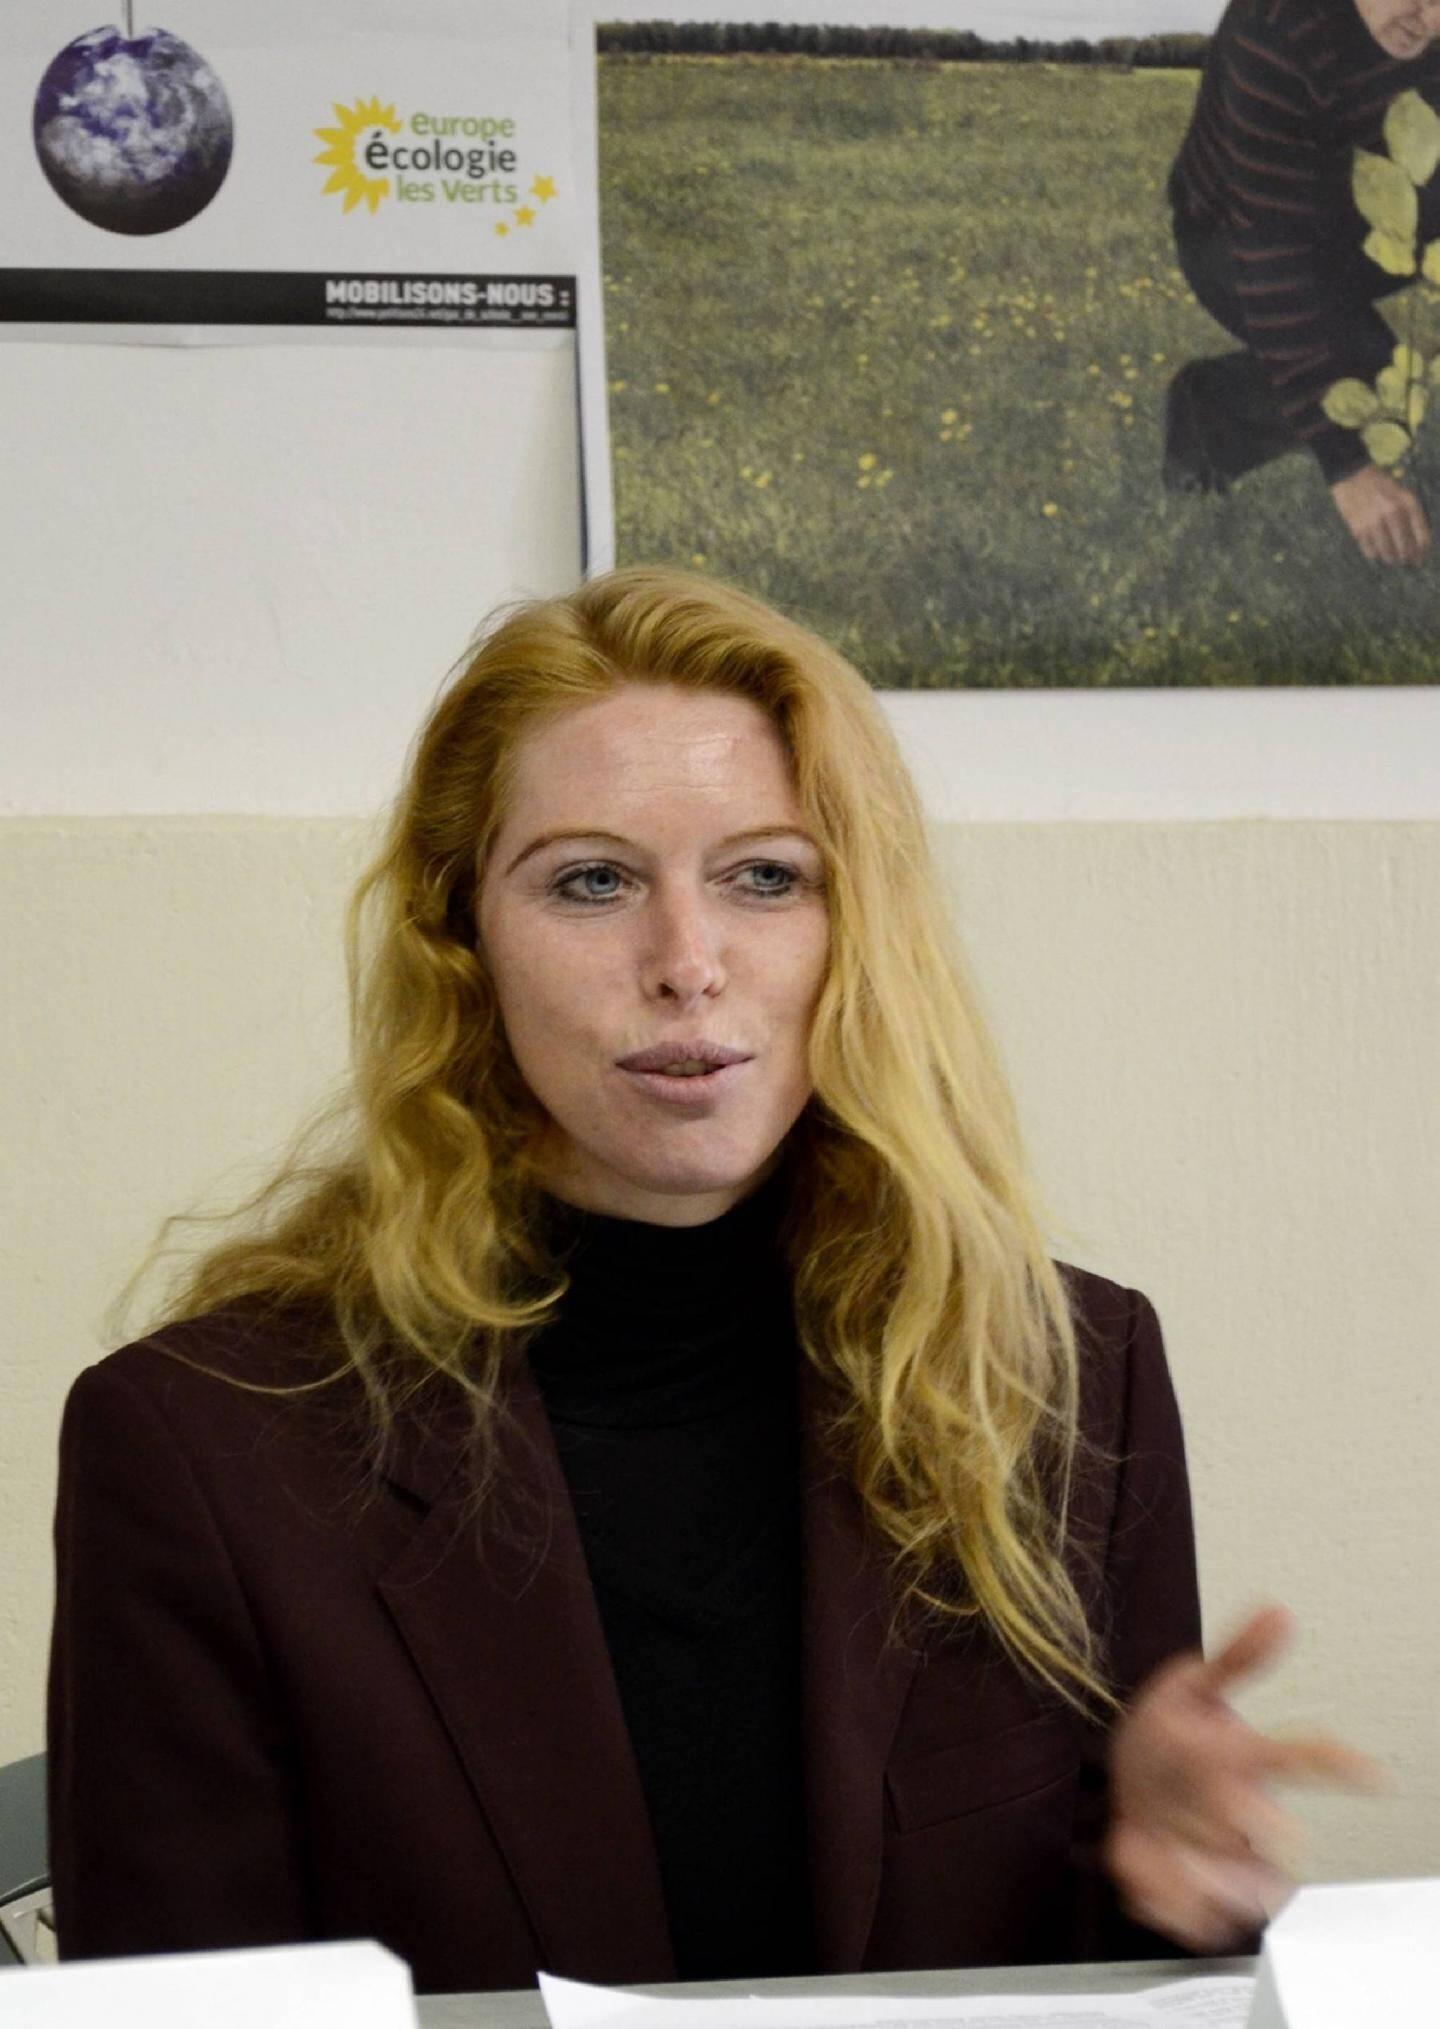 À 44 ans, Delphine Van Hoorebeke brigue un premier mandat politique.